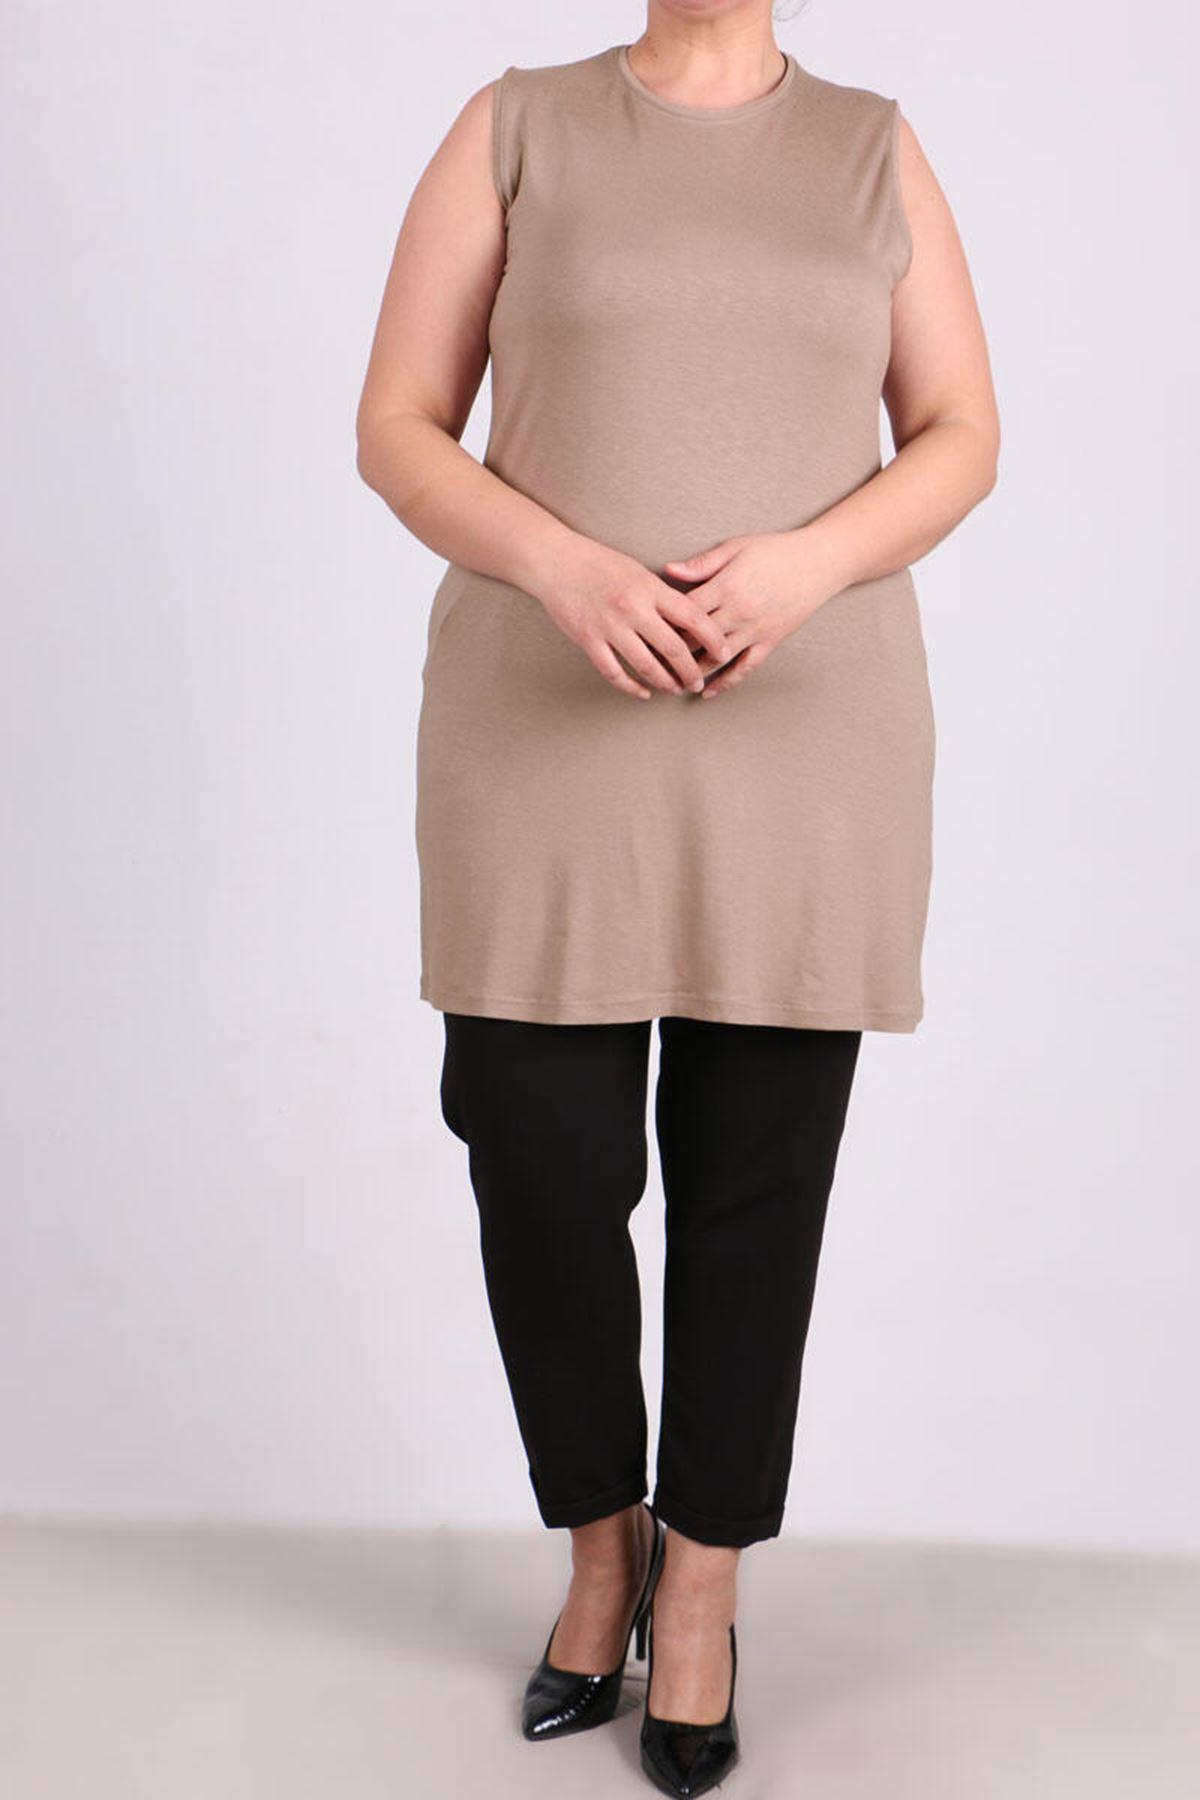 8507 Plus Size Basic Sleeveless Tunic- Mink